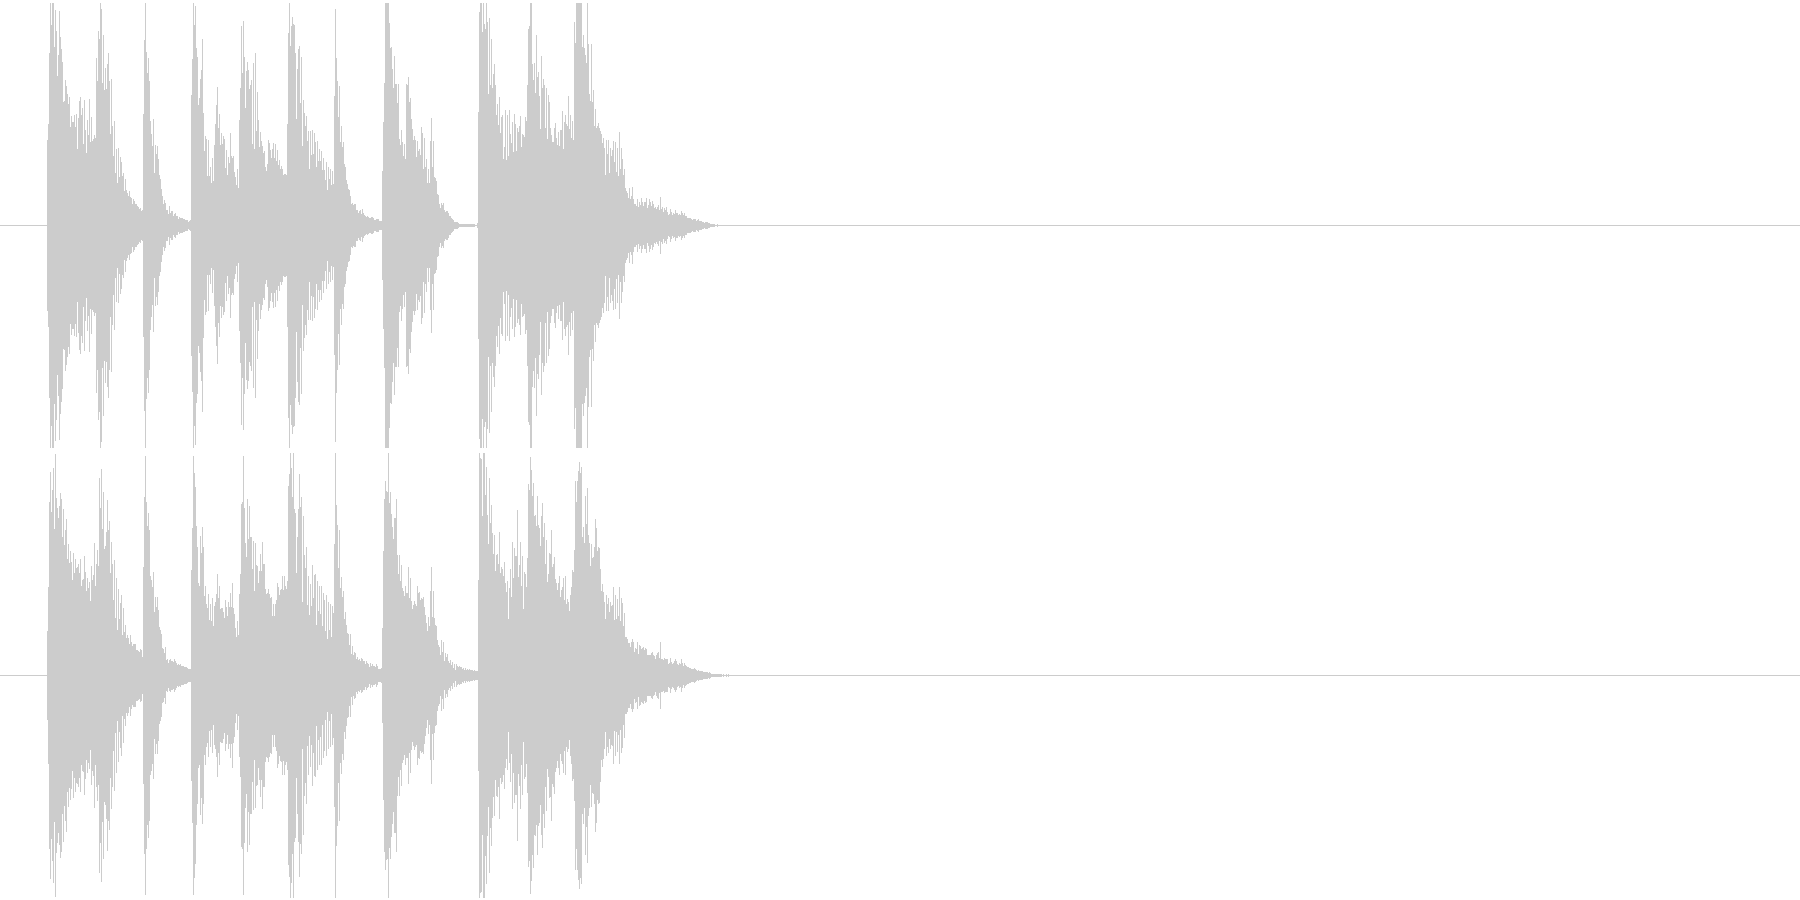 情報 CM イベント クイズ 軽快 元気の未再生の波形